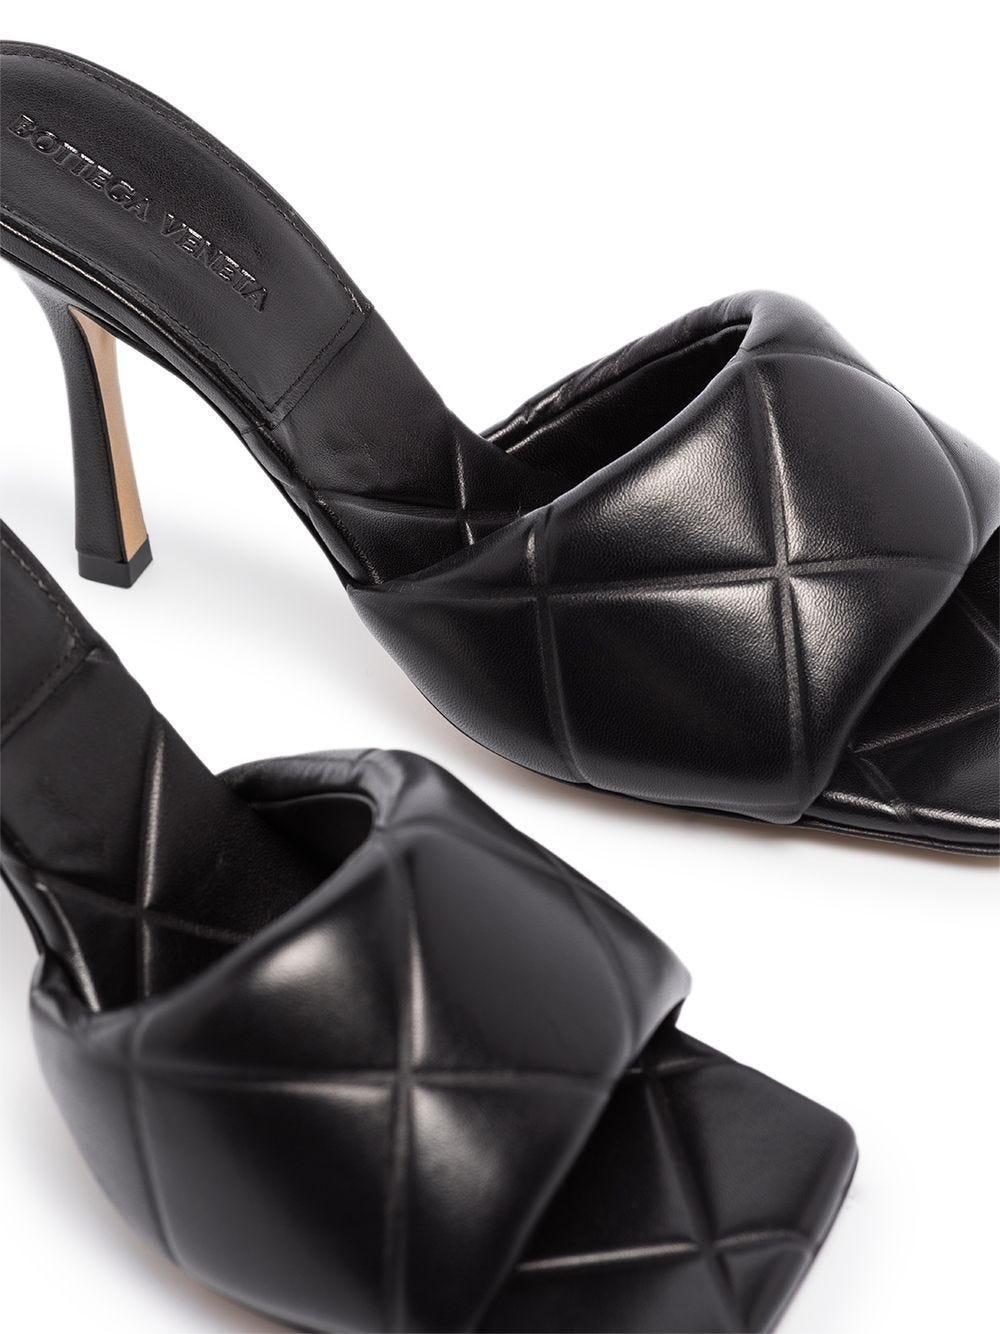 Bottega Veneta Leather Bv Lido 90 Mules In Intrecciato